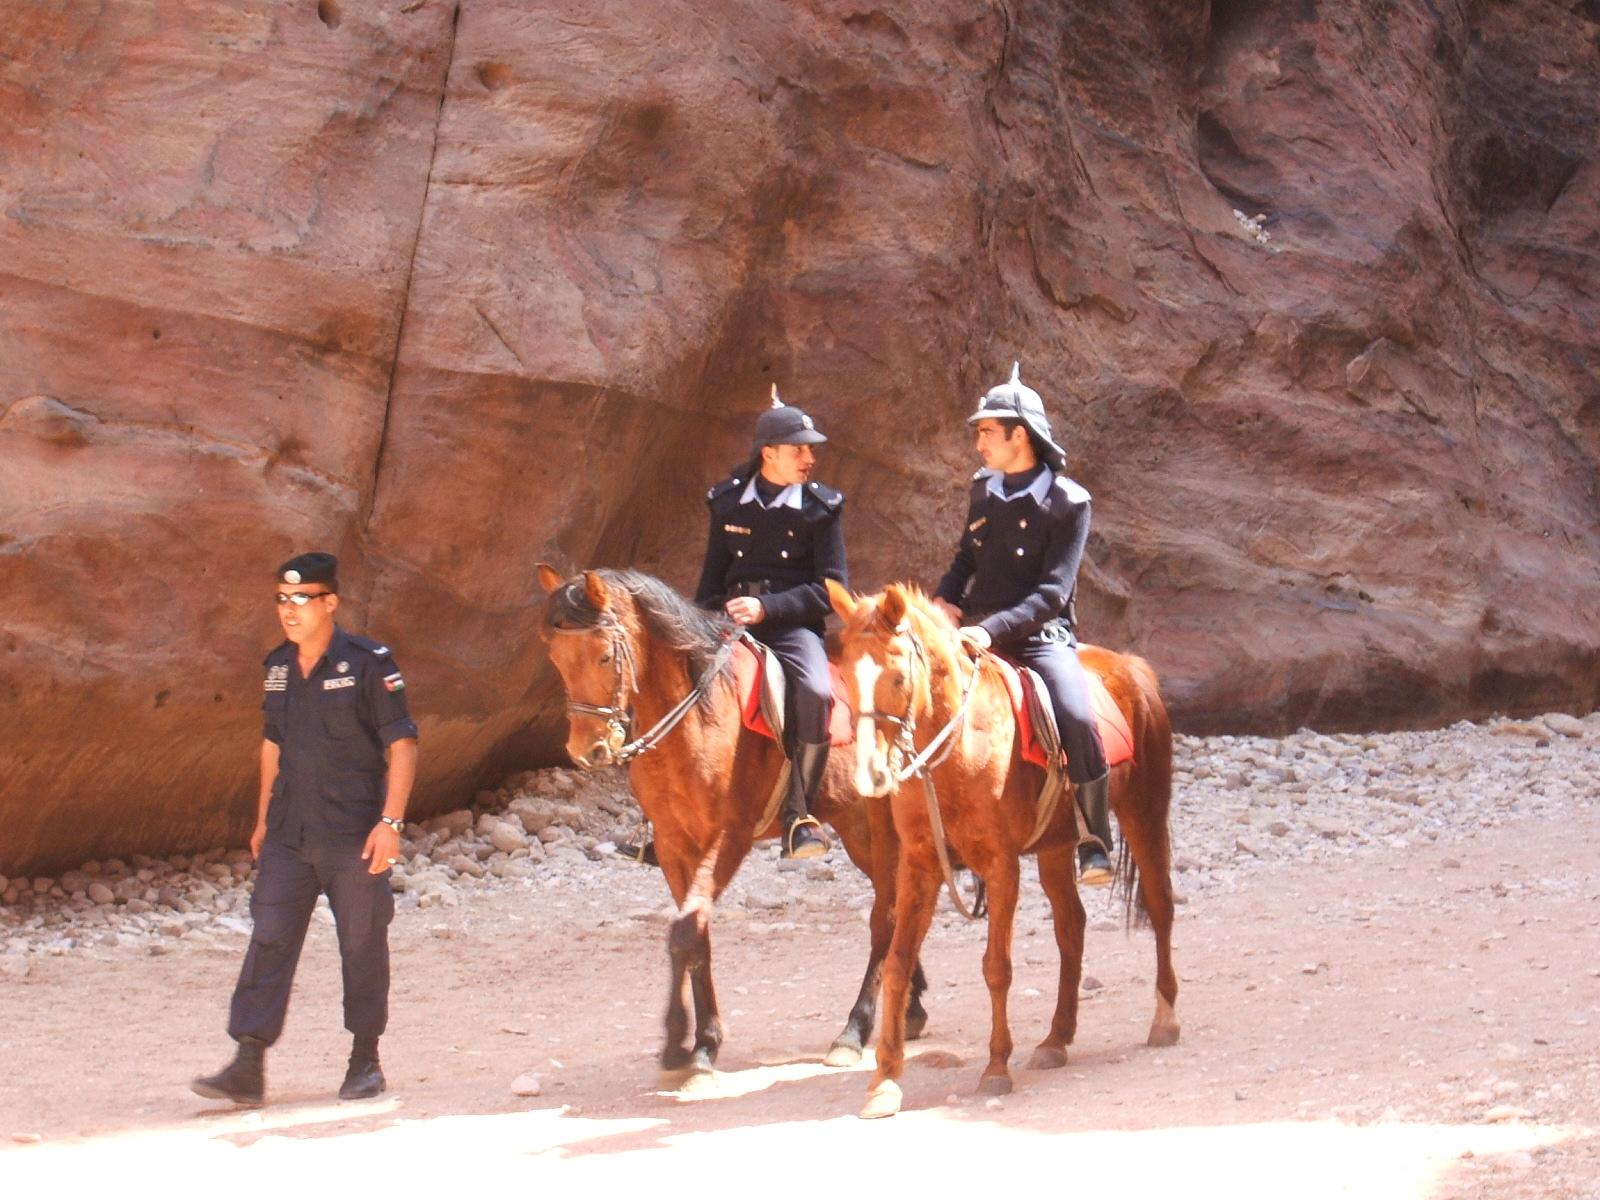 Petra Way out Spunky cops